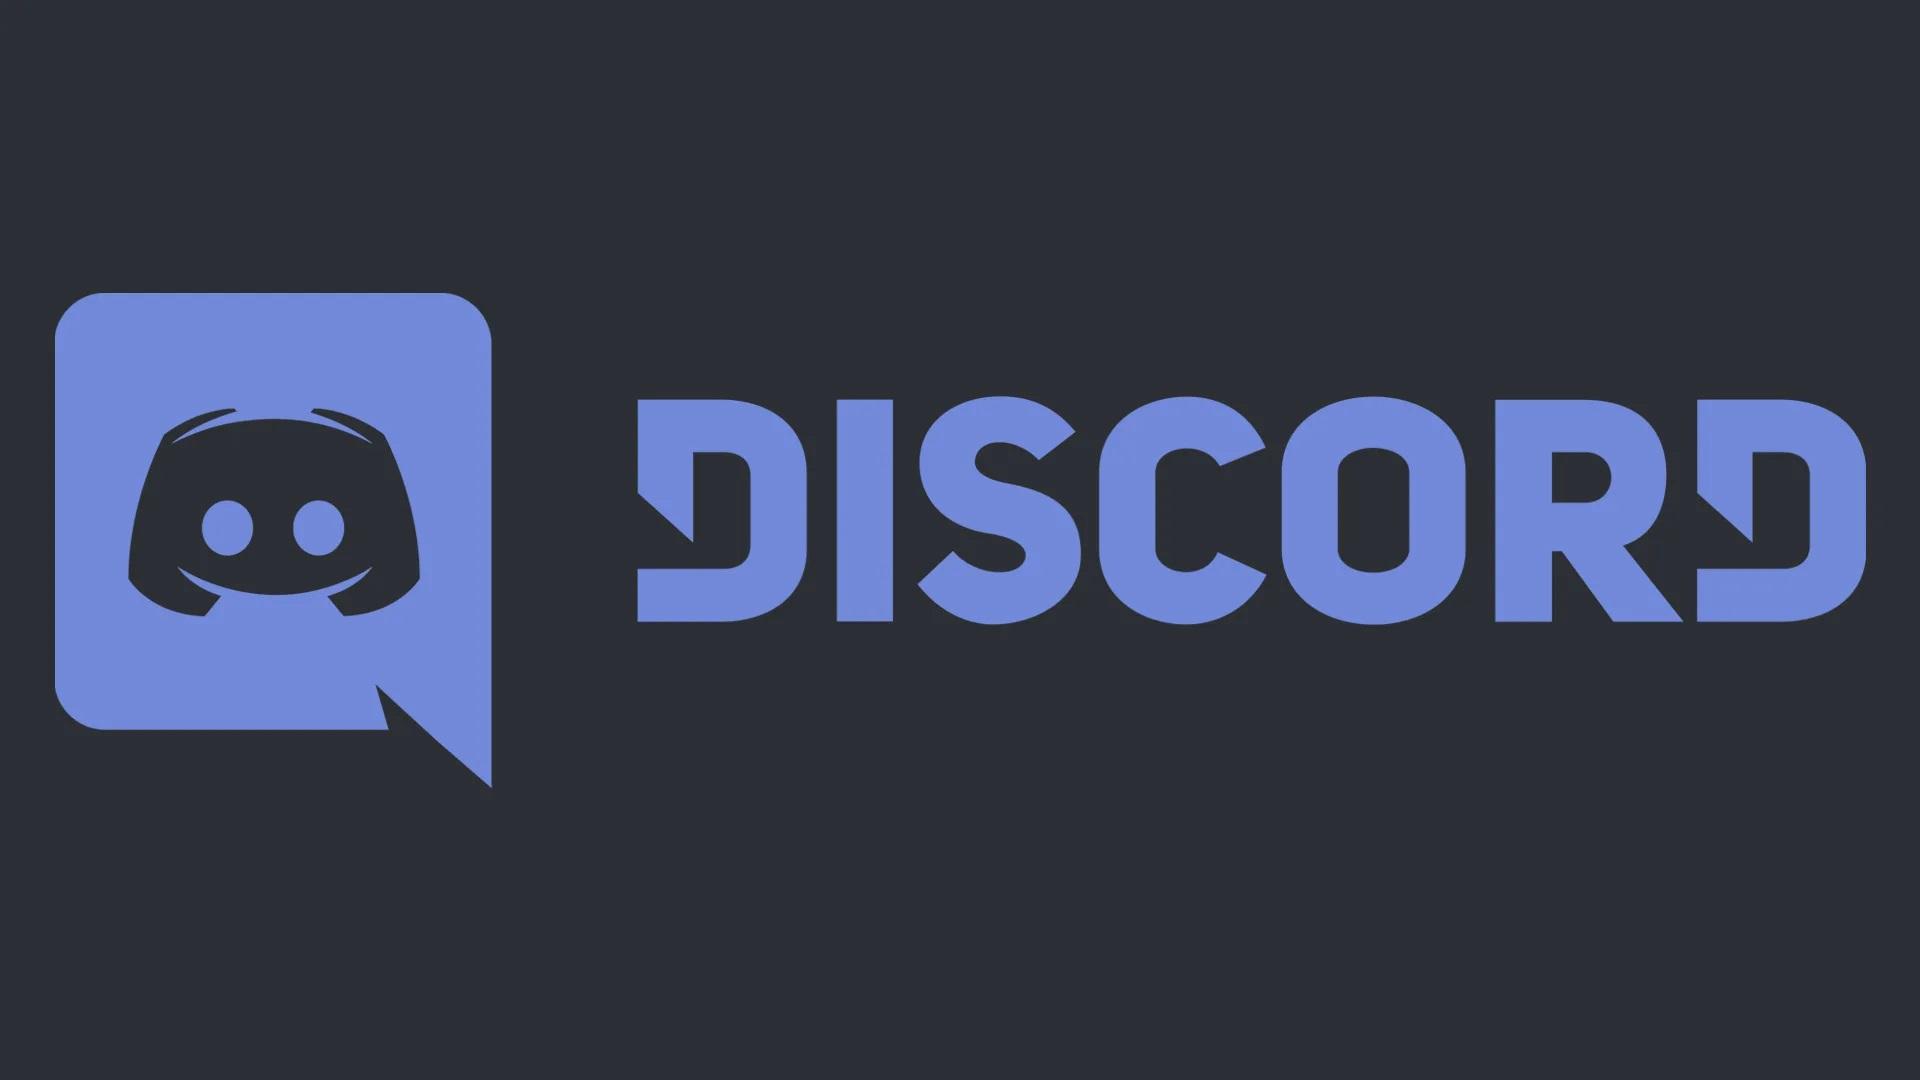 discord sony playstation partnership